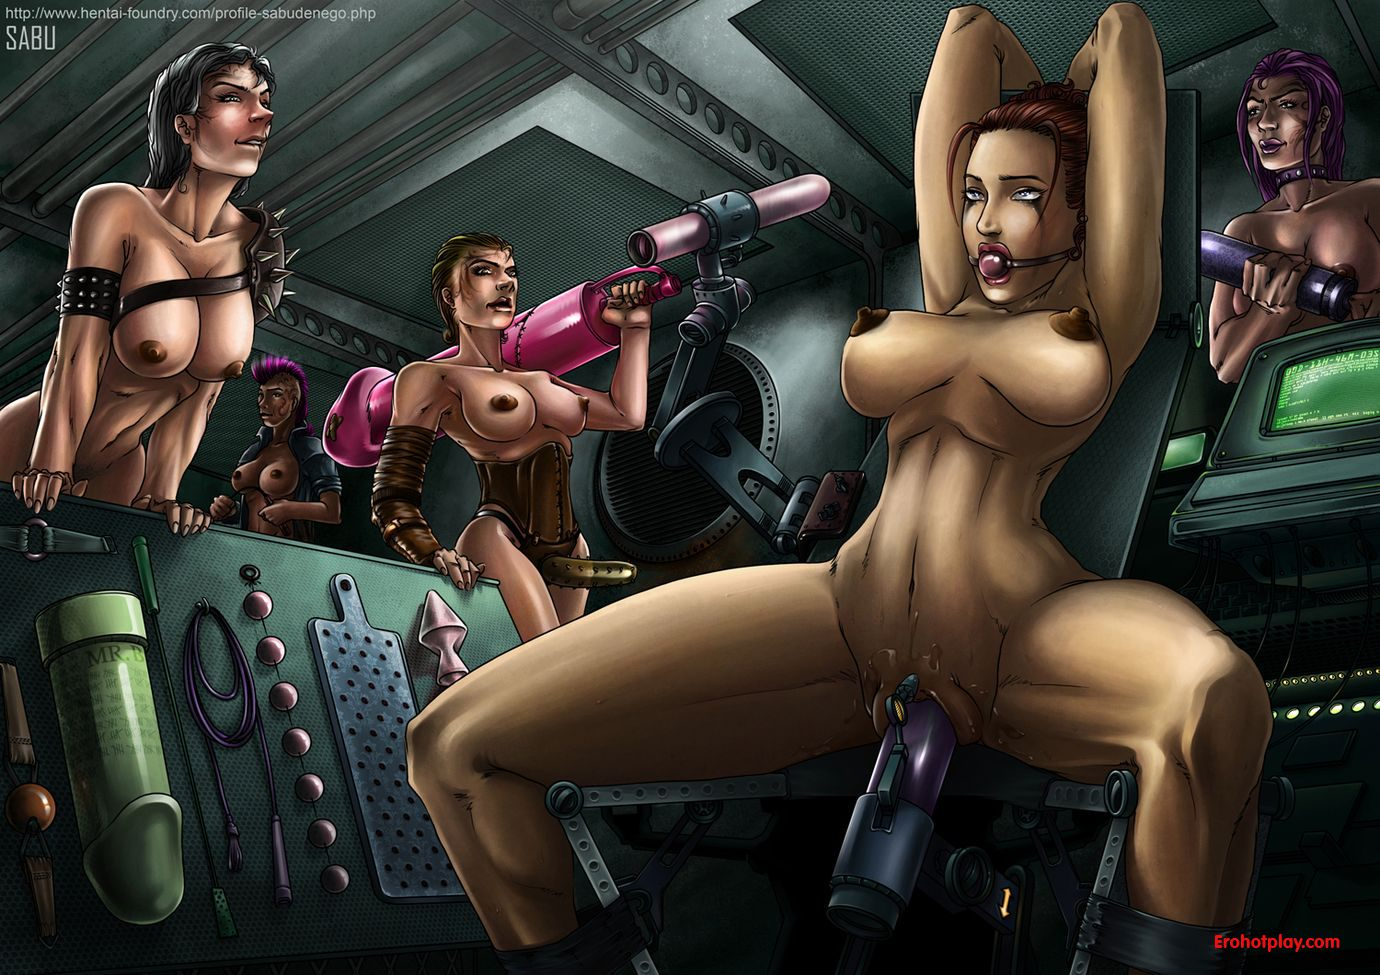 Порно игры рисованные